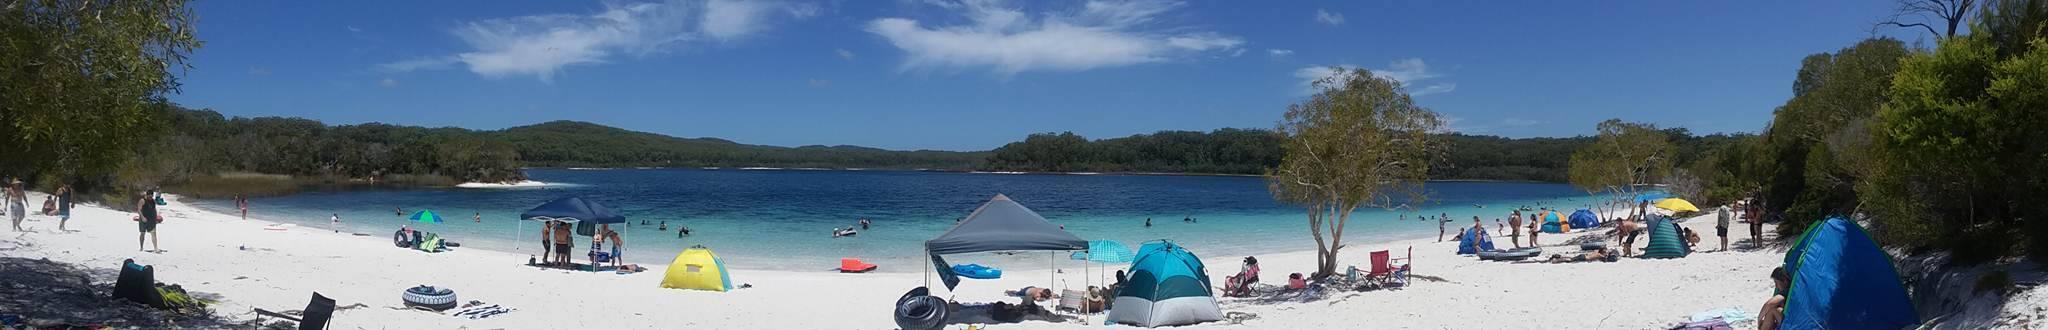 plage panorama